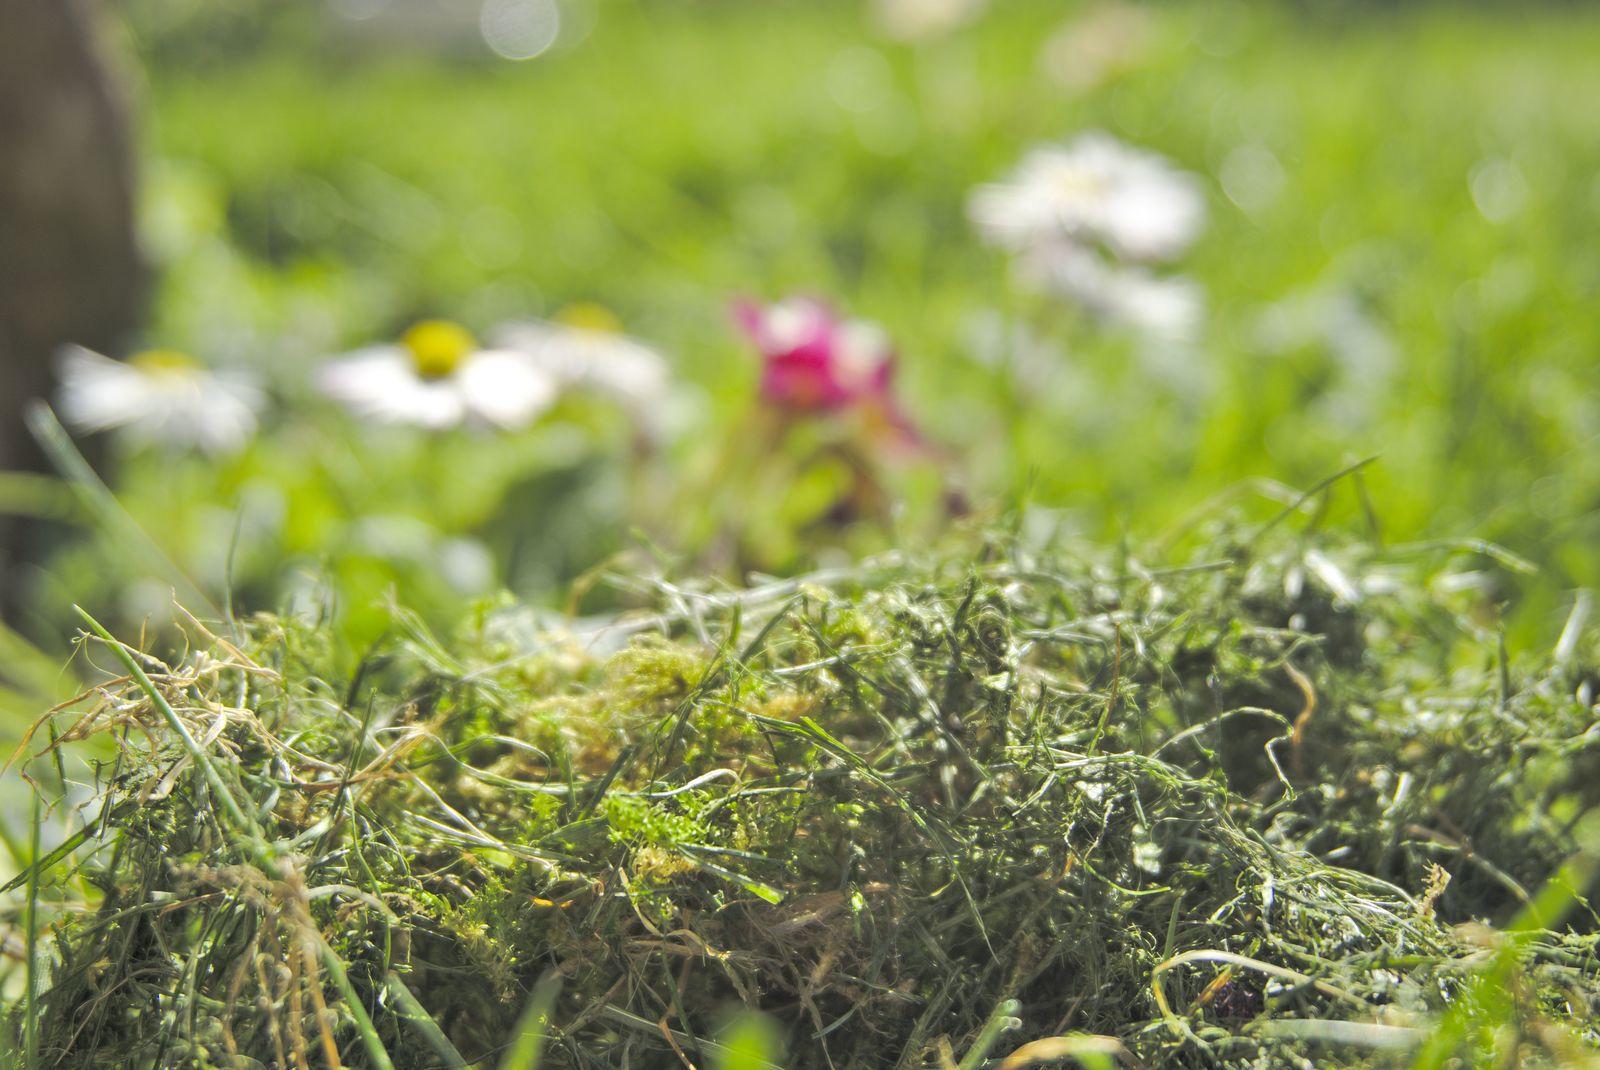 13/52 , semaine du 23 au 29 Mars - ça sent bon - Vous sentez la bonne odeur de l'herbe coupée ?